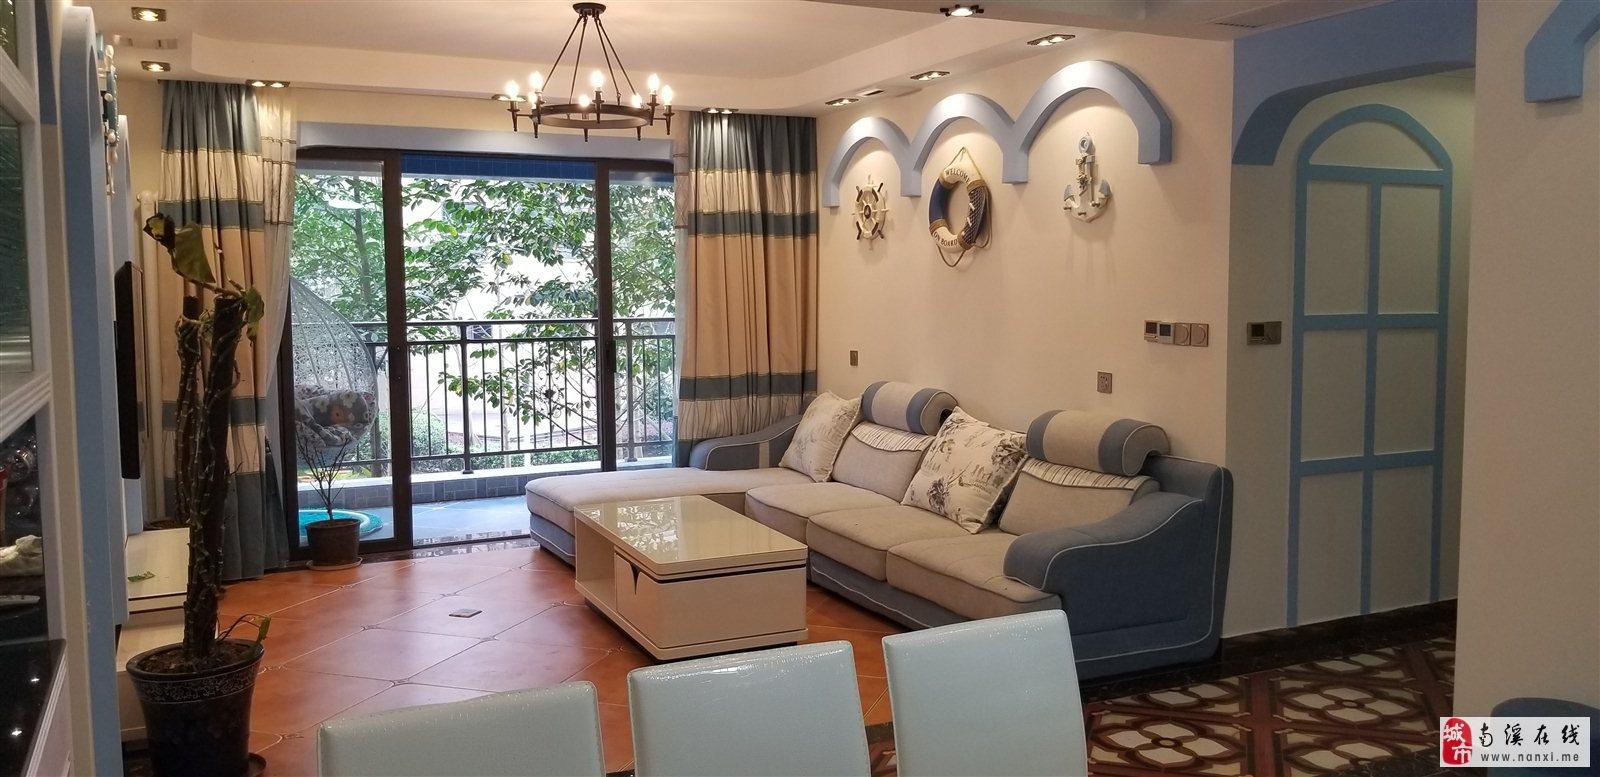 证满两年 丽雅时代 精装4室 带墙暖 中央空调 未住人